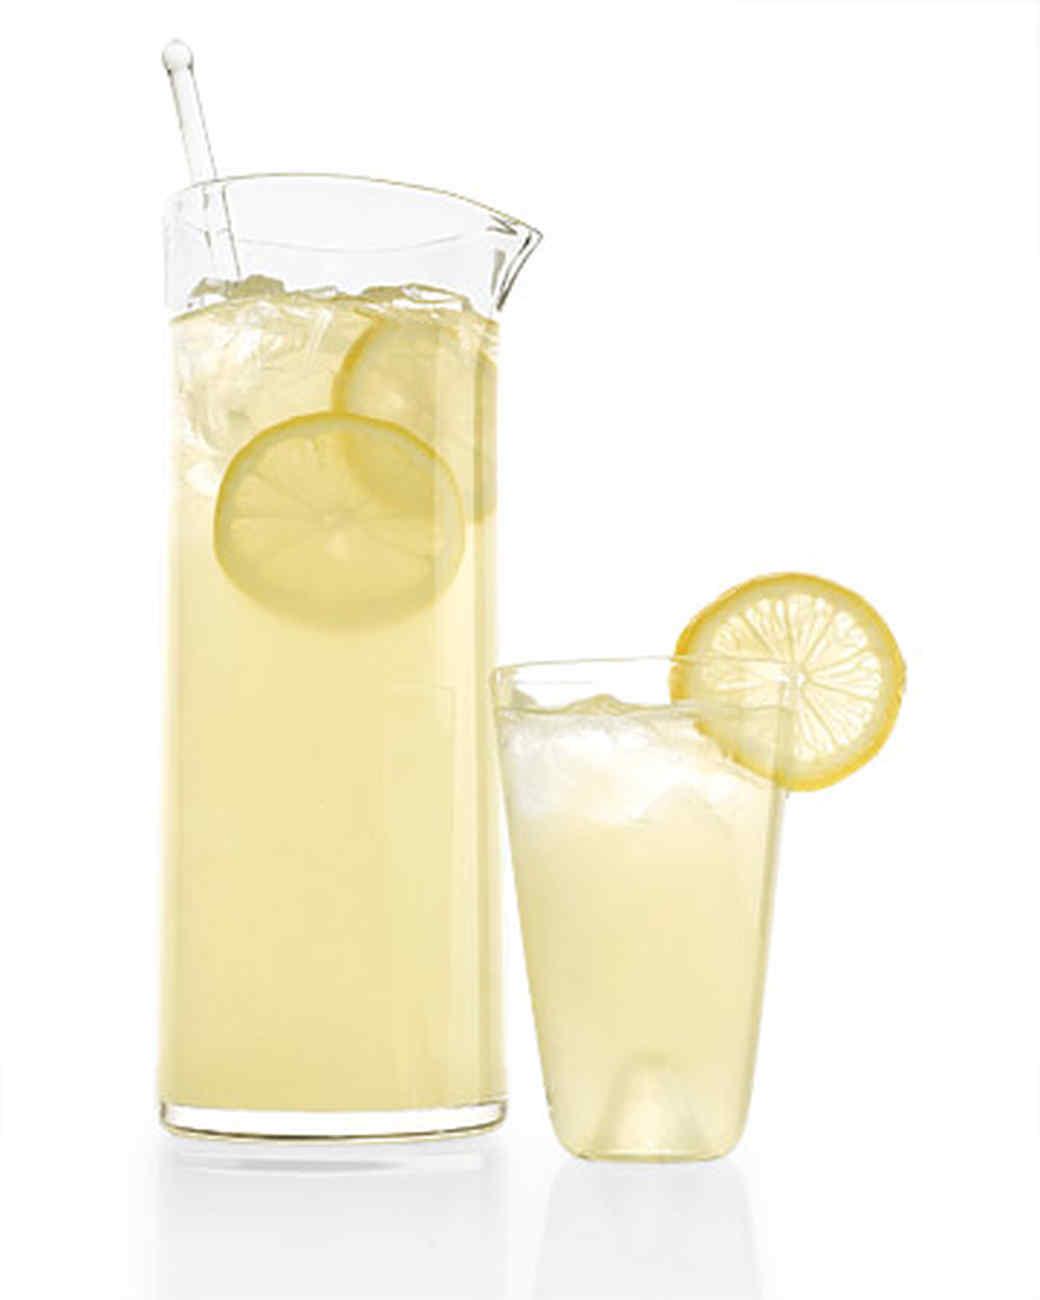 msl_jul06_ent_lemonade.jpg